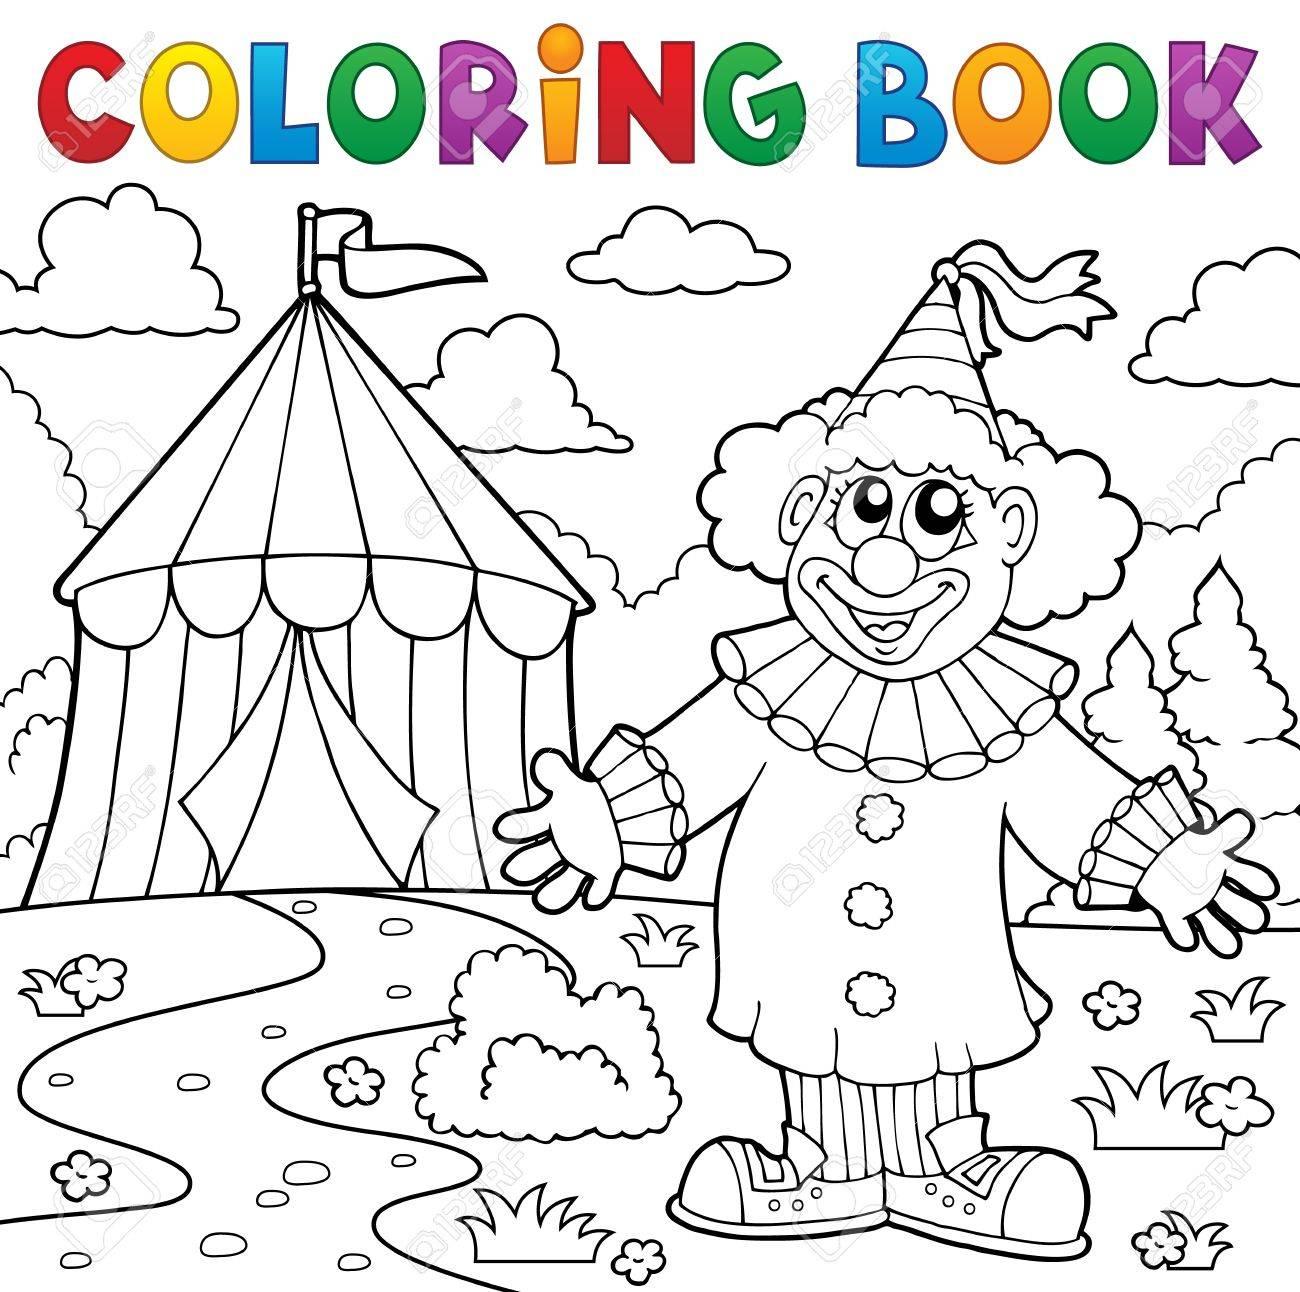 Coloring book clown near circus vector illustration.